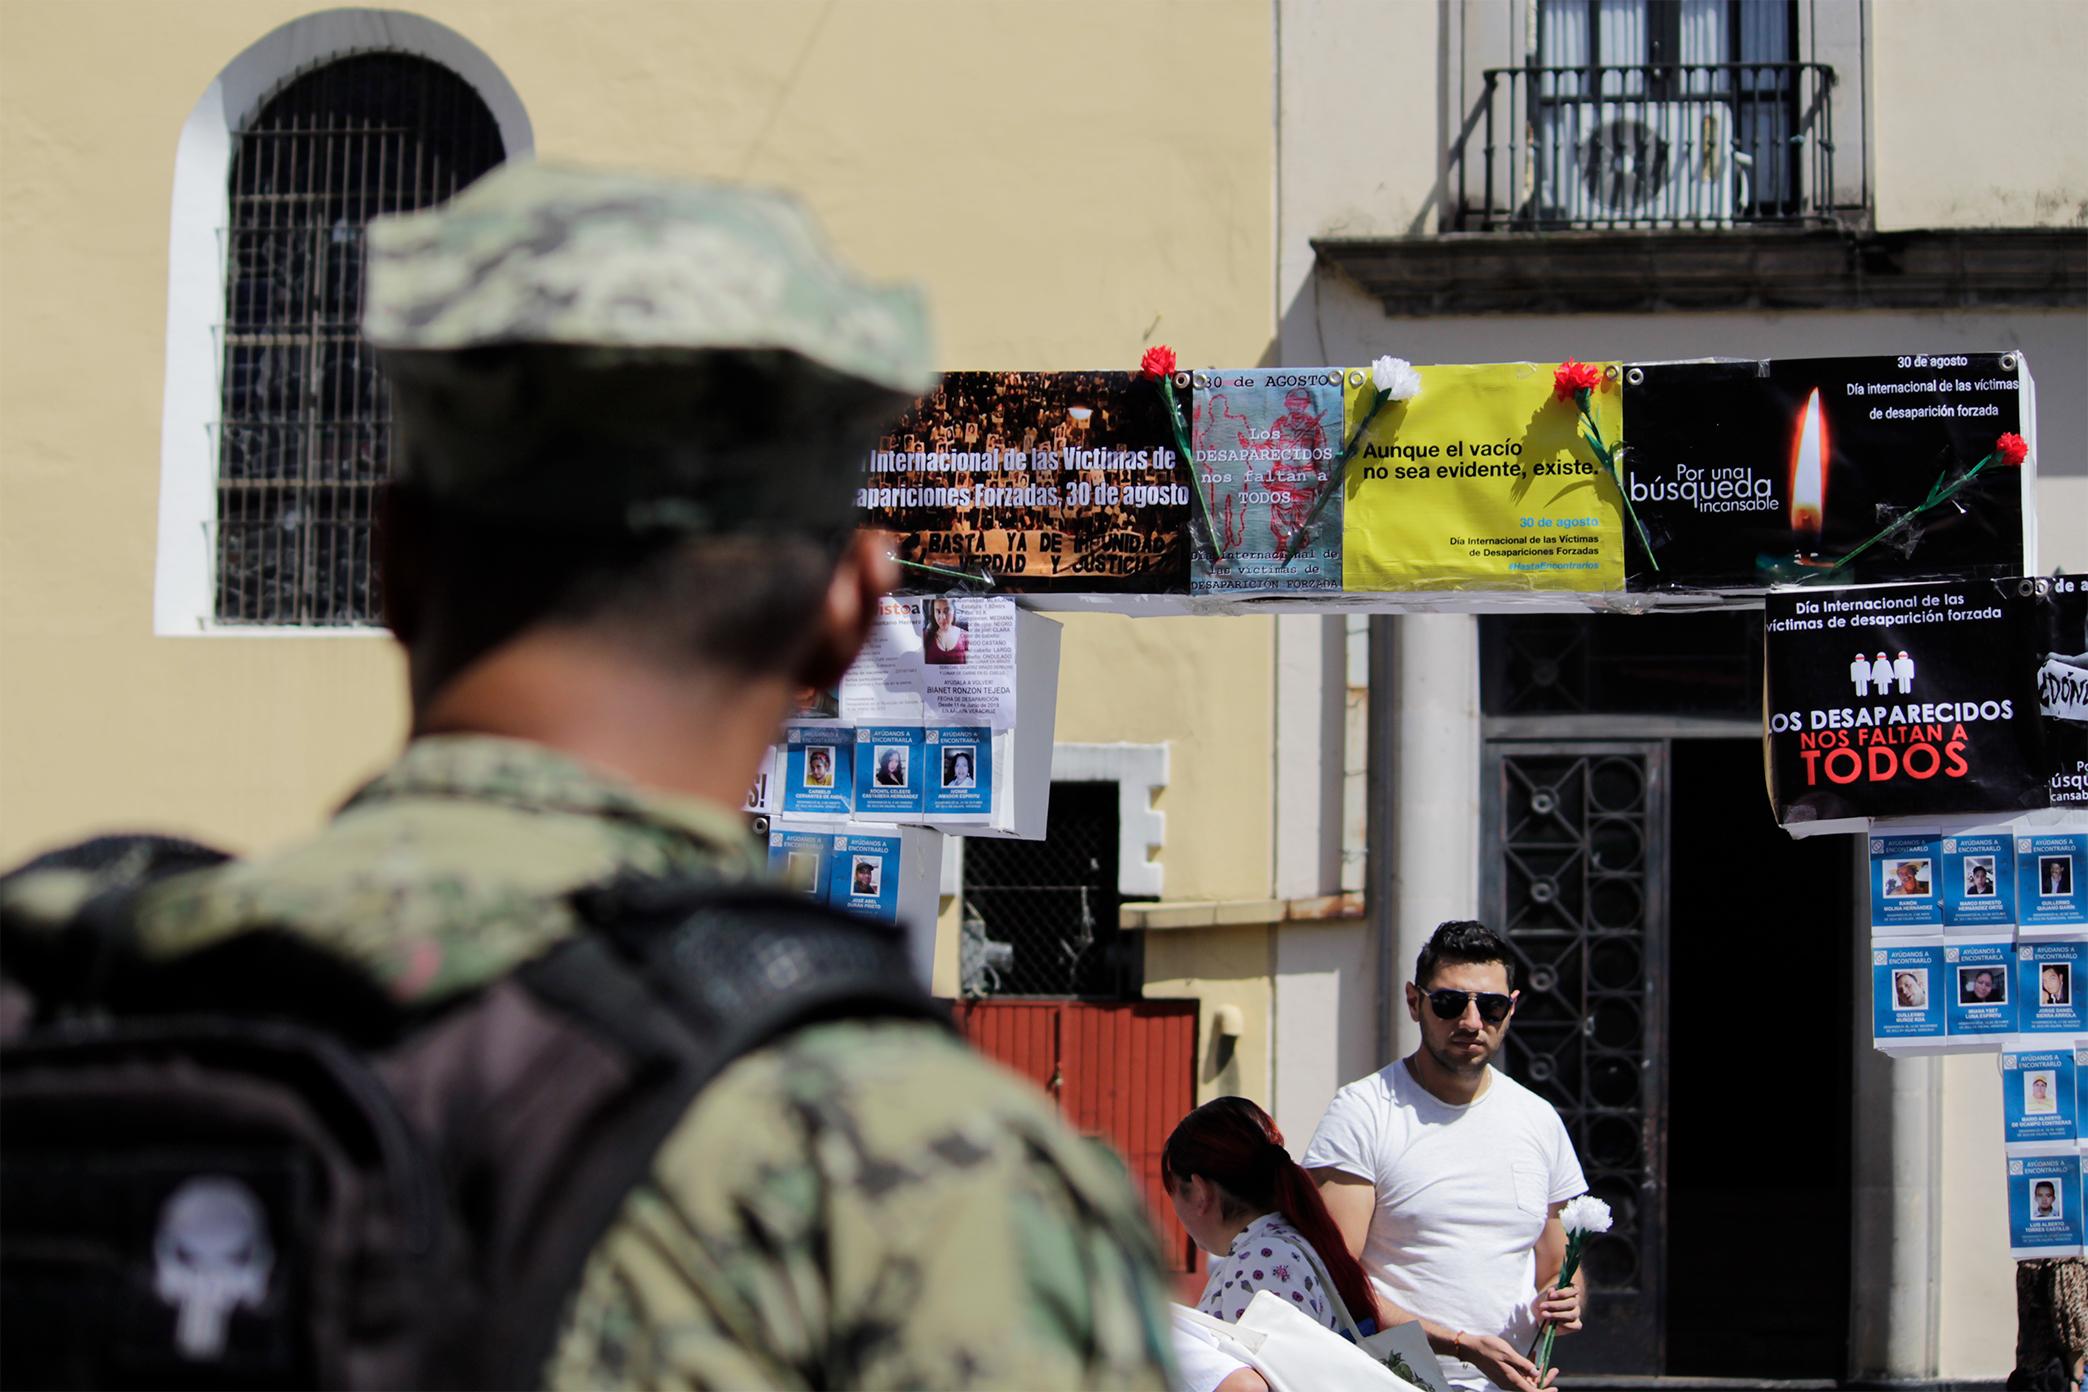 Podría haber fosas clandestinas en alrededores de Xalapa: colectivos